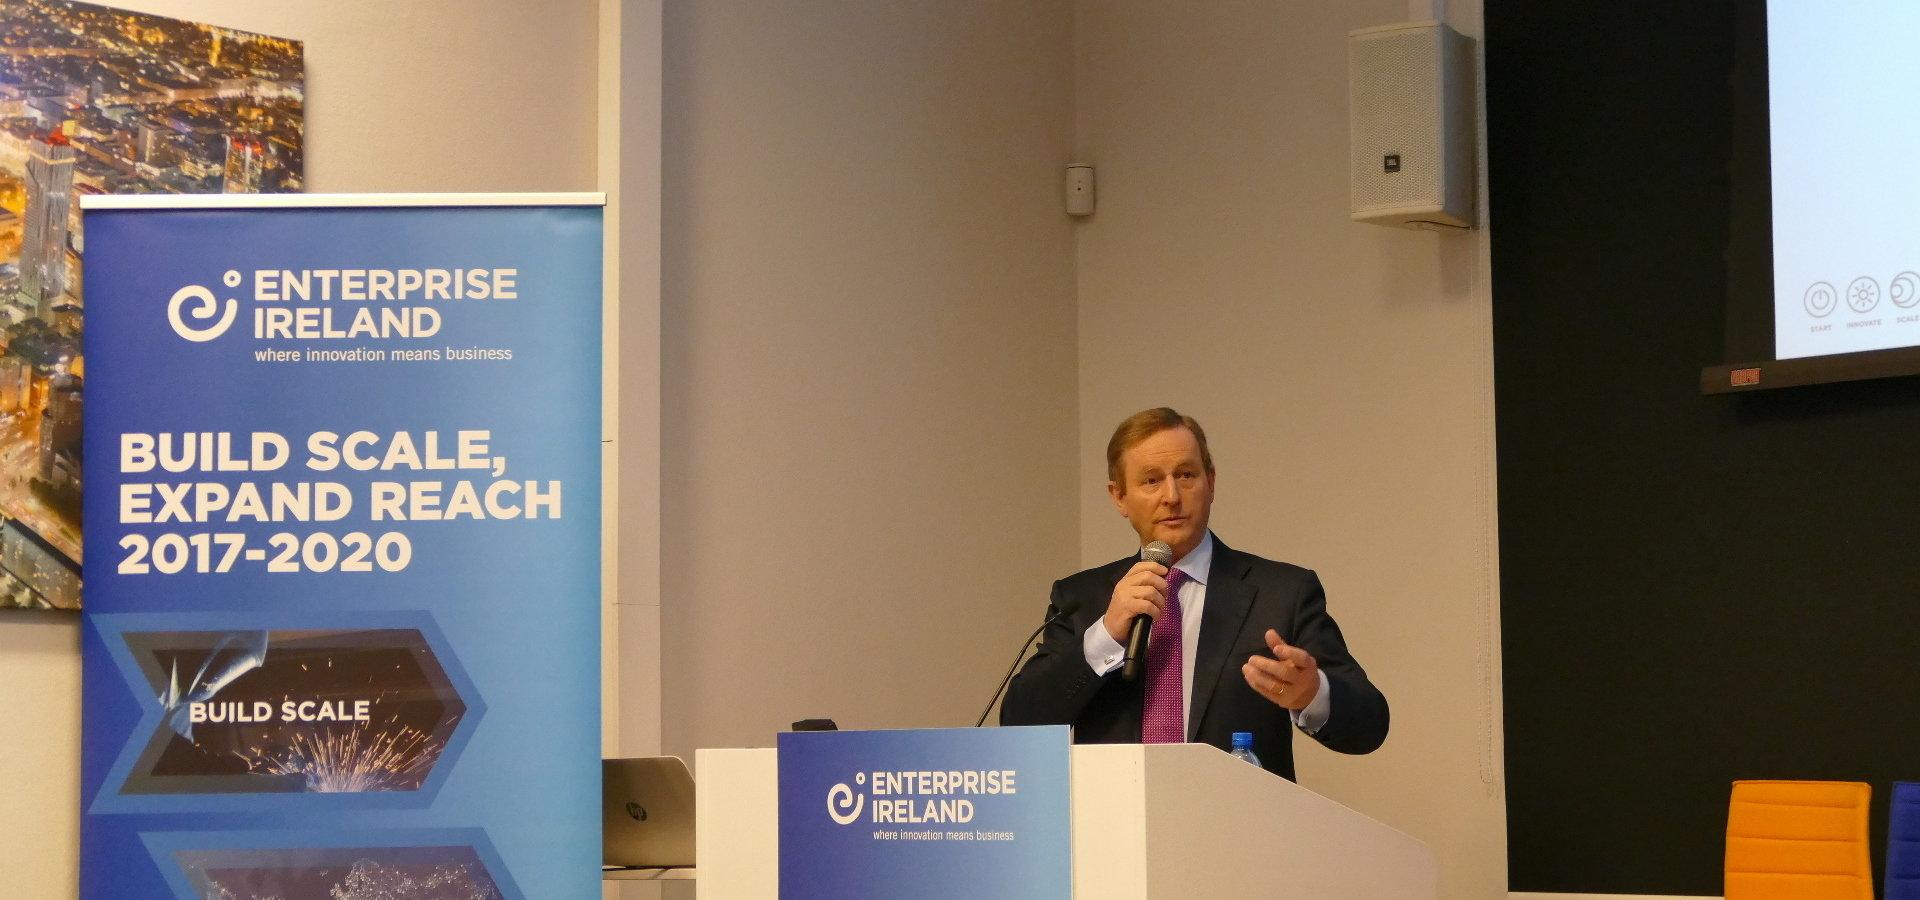 Irlandia w obliczu Brexitu zacieśnia współpracę gospodarczą z Polską